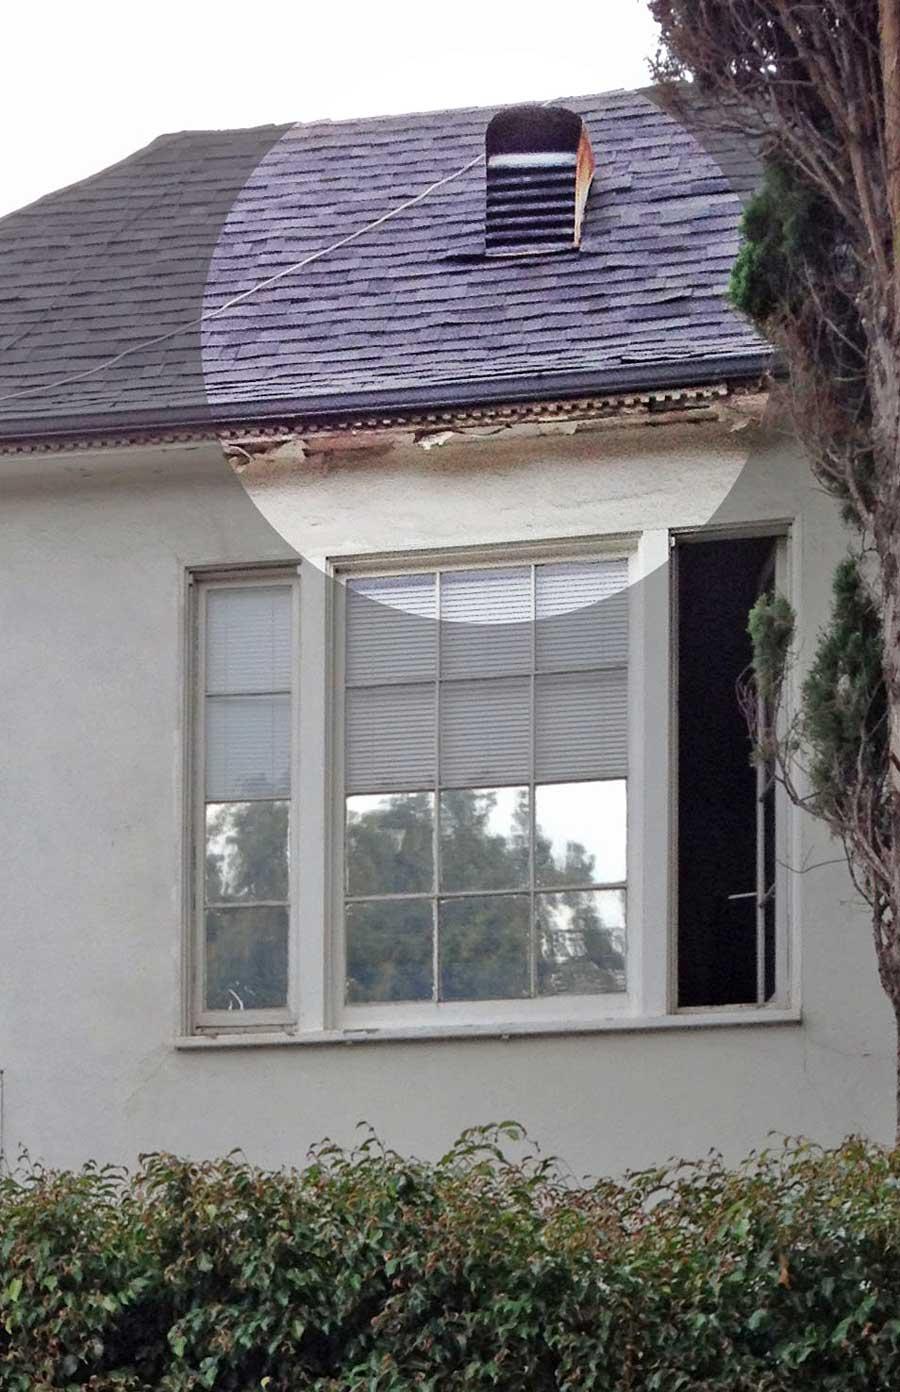 200 South Reeves peeling paint under eave